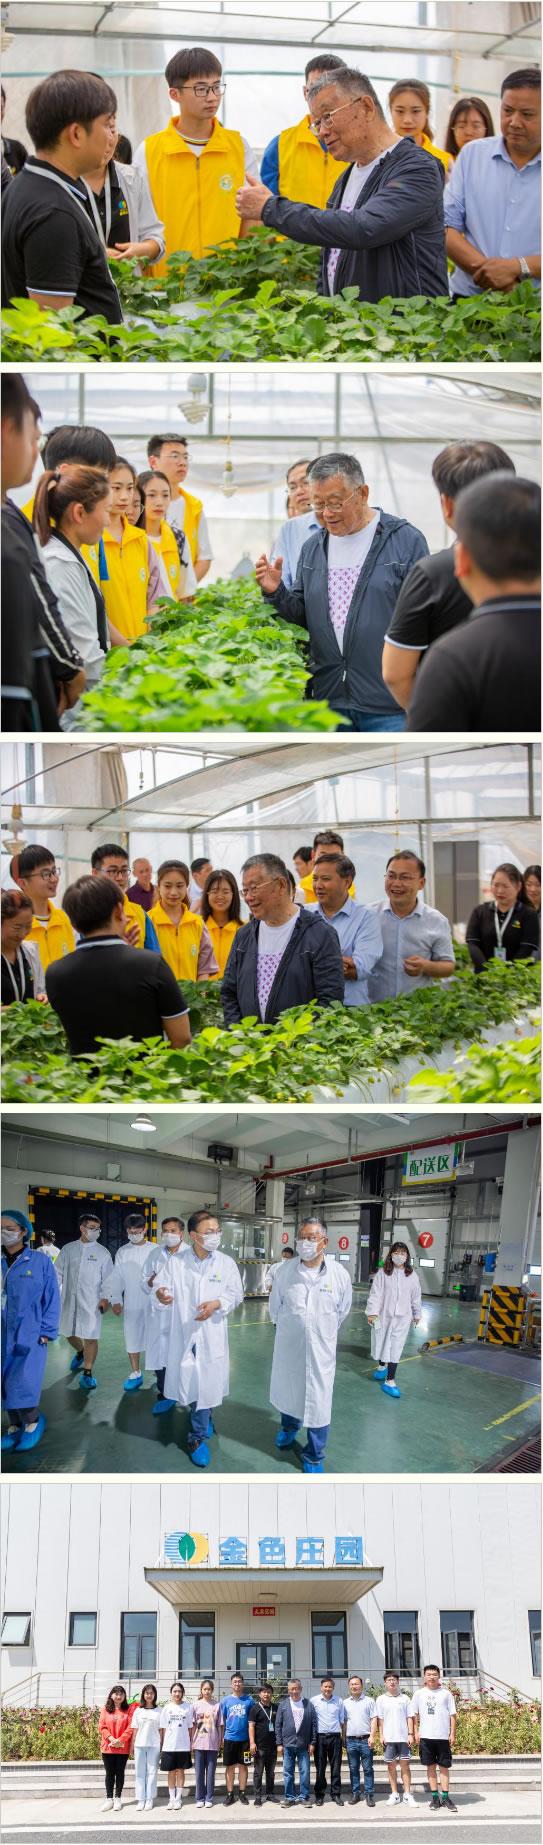 江苏农林职业技术学院新禾助农服务团:传承亚夫精神 助力乡村振兴